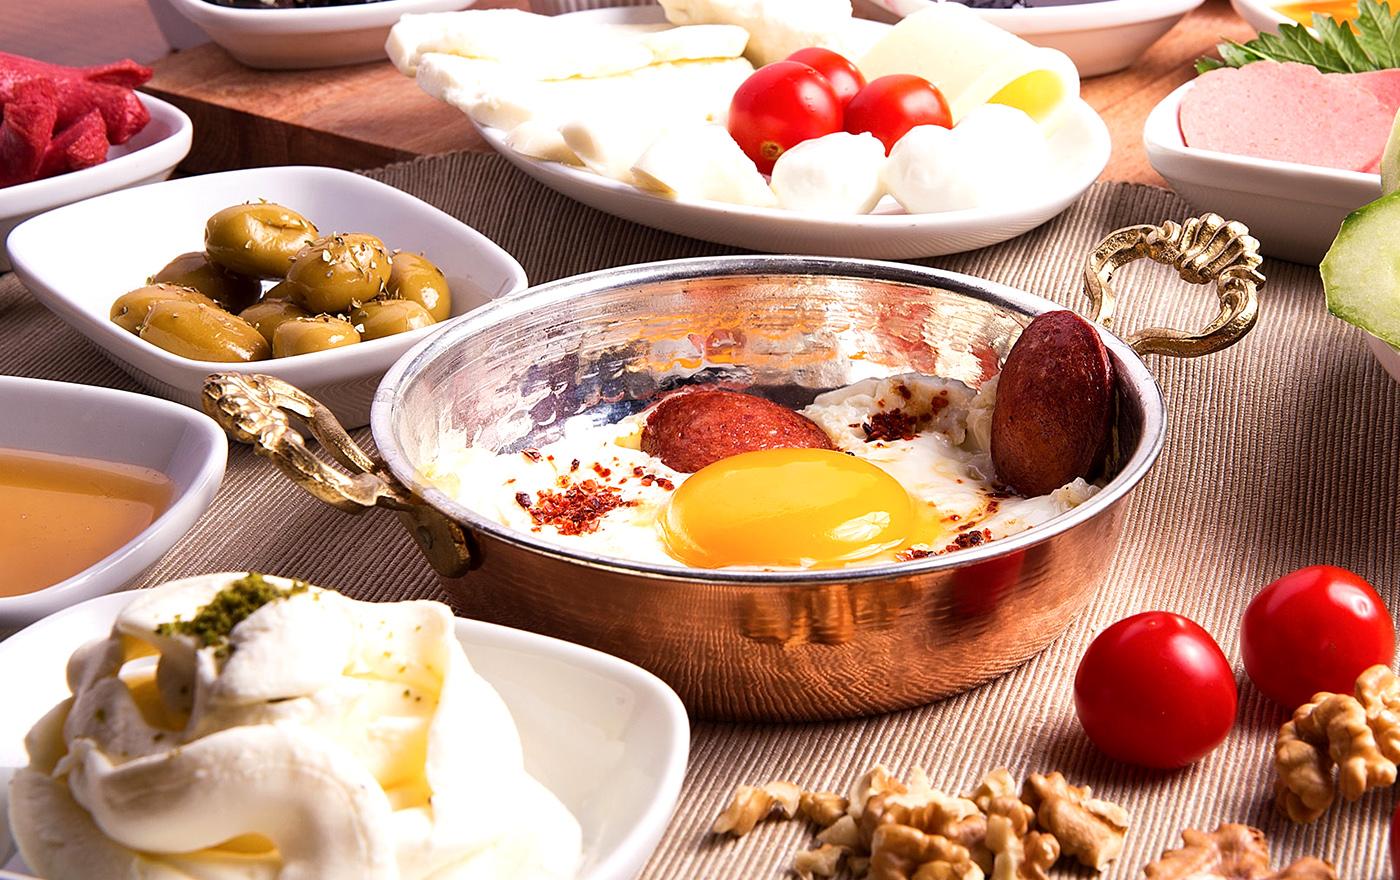 ۱۰ خوراکی انرژی زای سالم برای رفع خستگی صبح ها